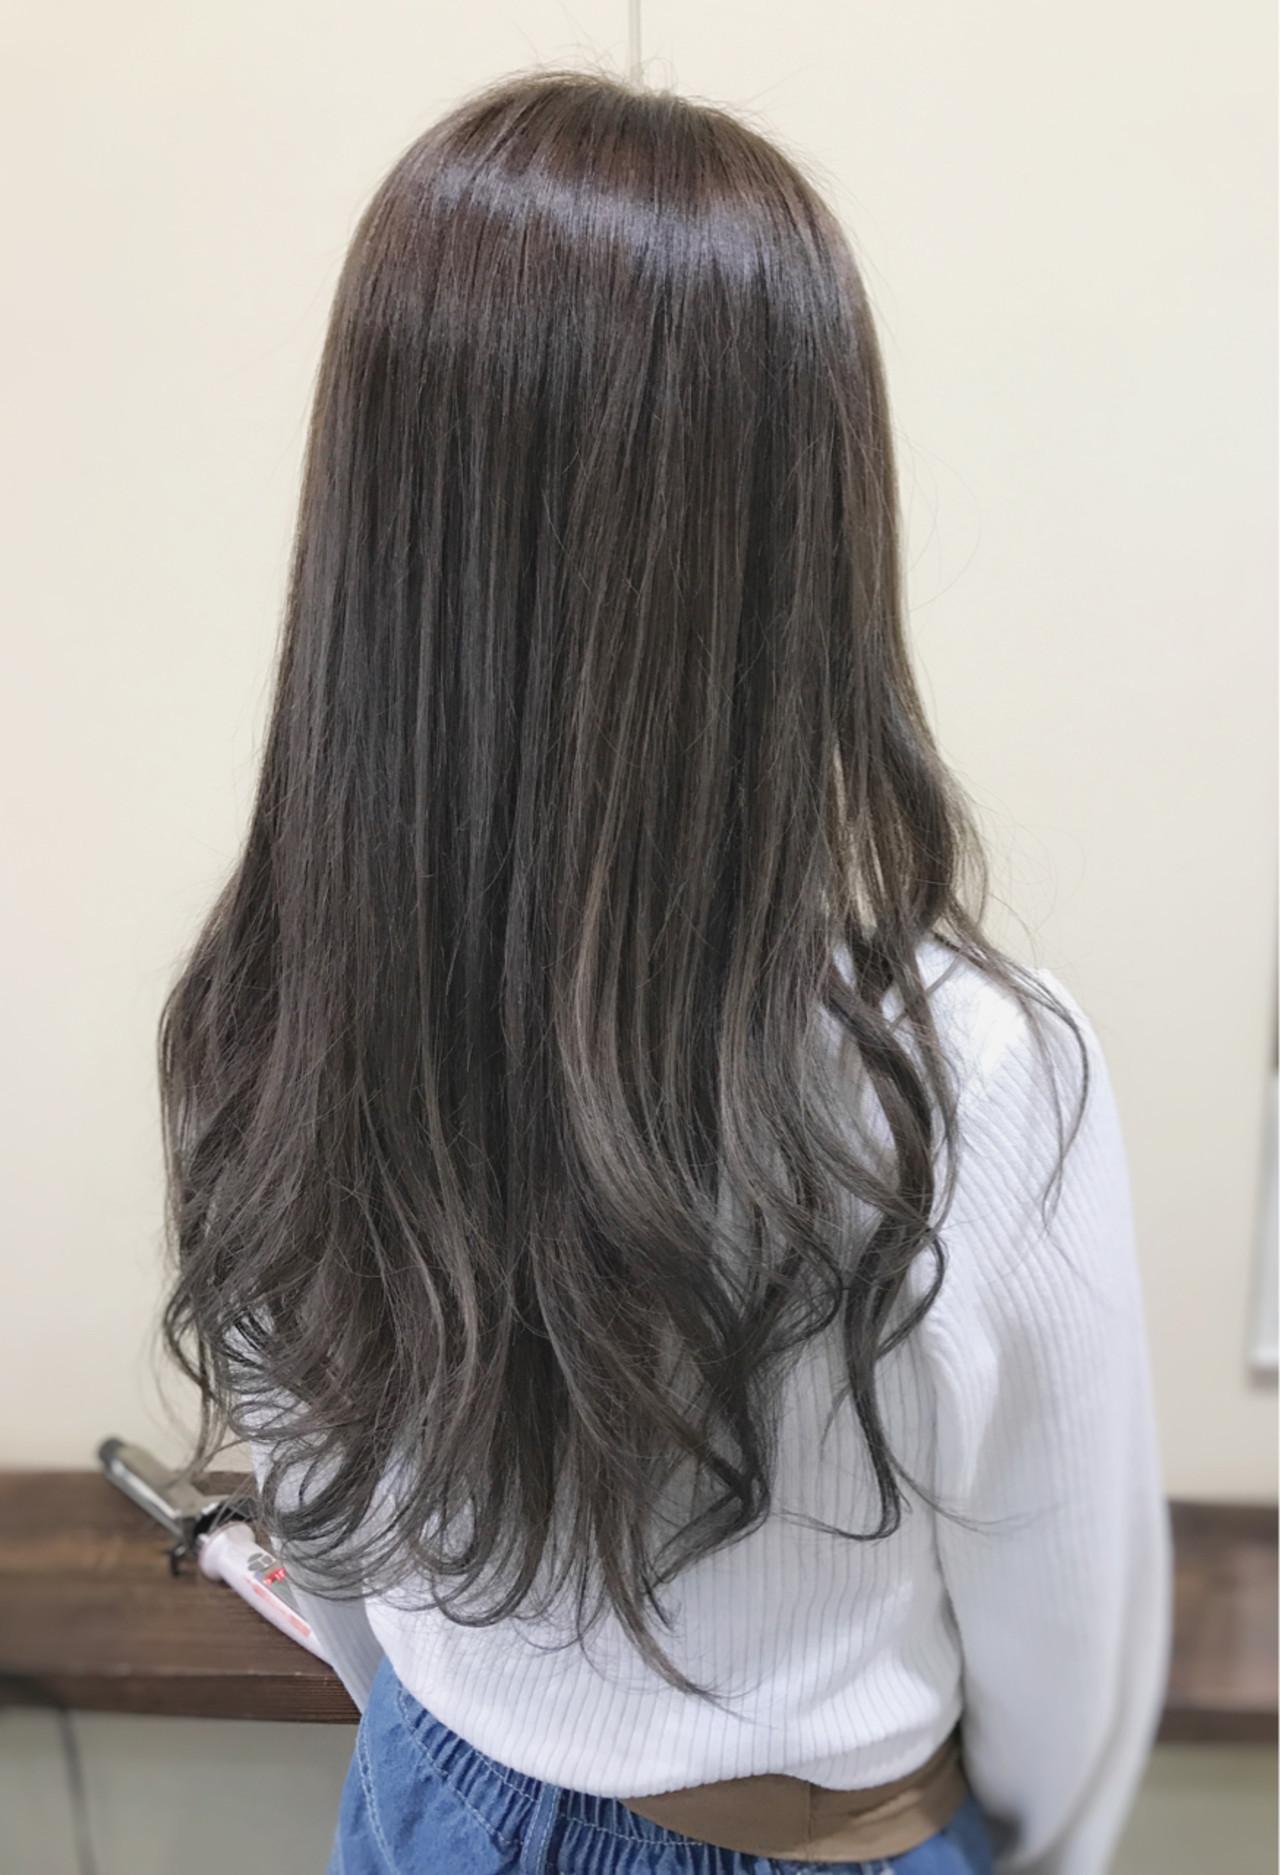 デート アッシュグレージュ ロング 外国人風カラー ヘアスタイルや髪型の写真・画像